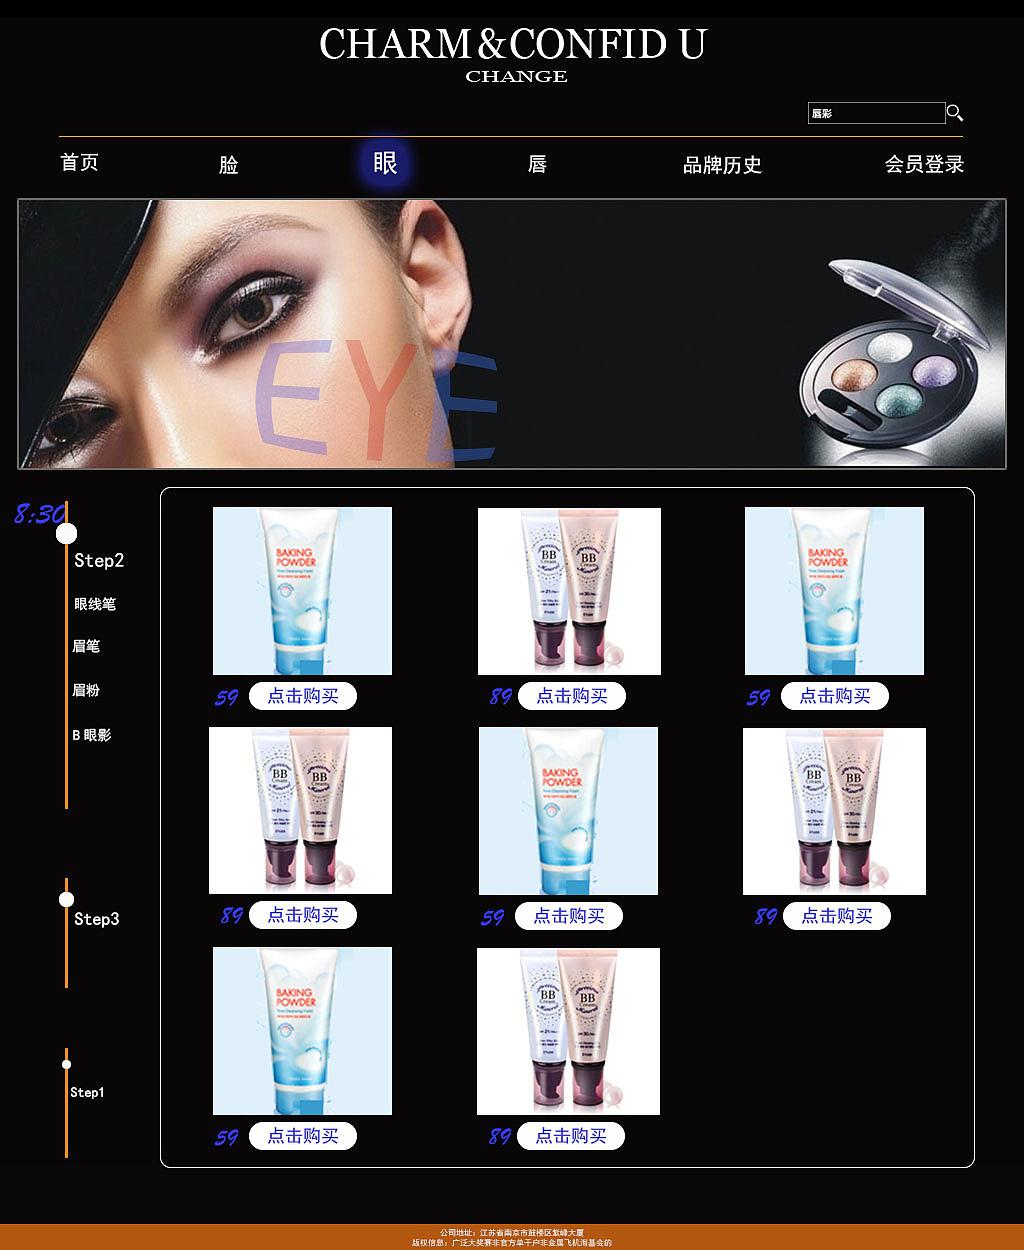 自拟美妆品牌LOGO及网站界面设计图片